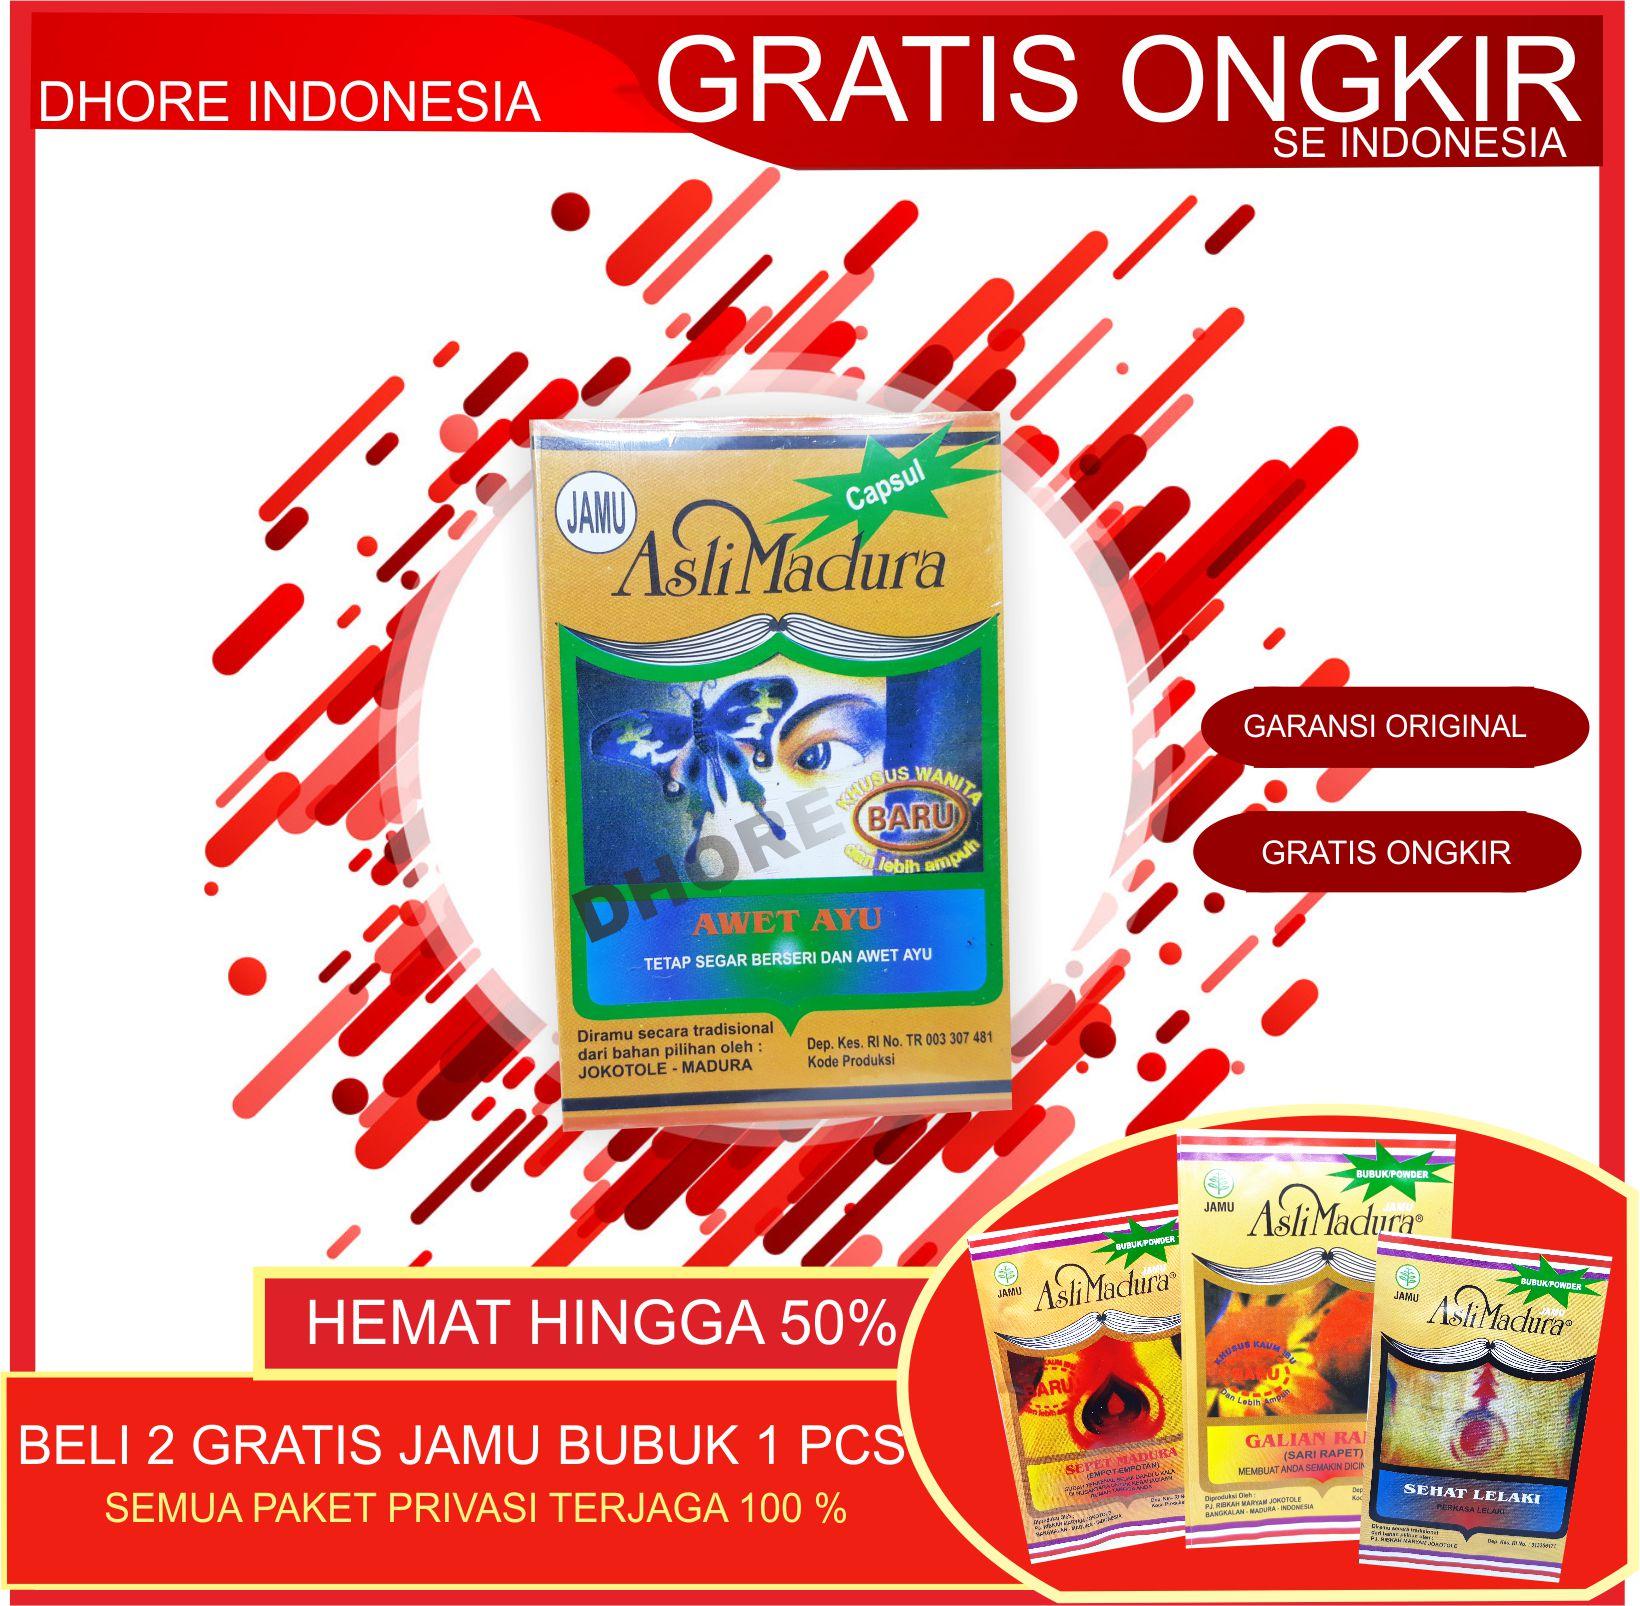 jamu keputihan / obat keputihan /obat tradisional madura / obat manjur / keputihan -original madura terjamin